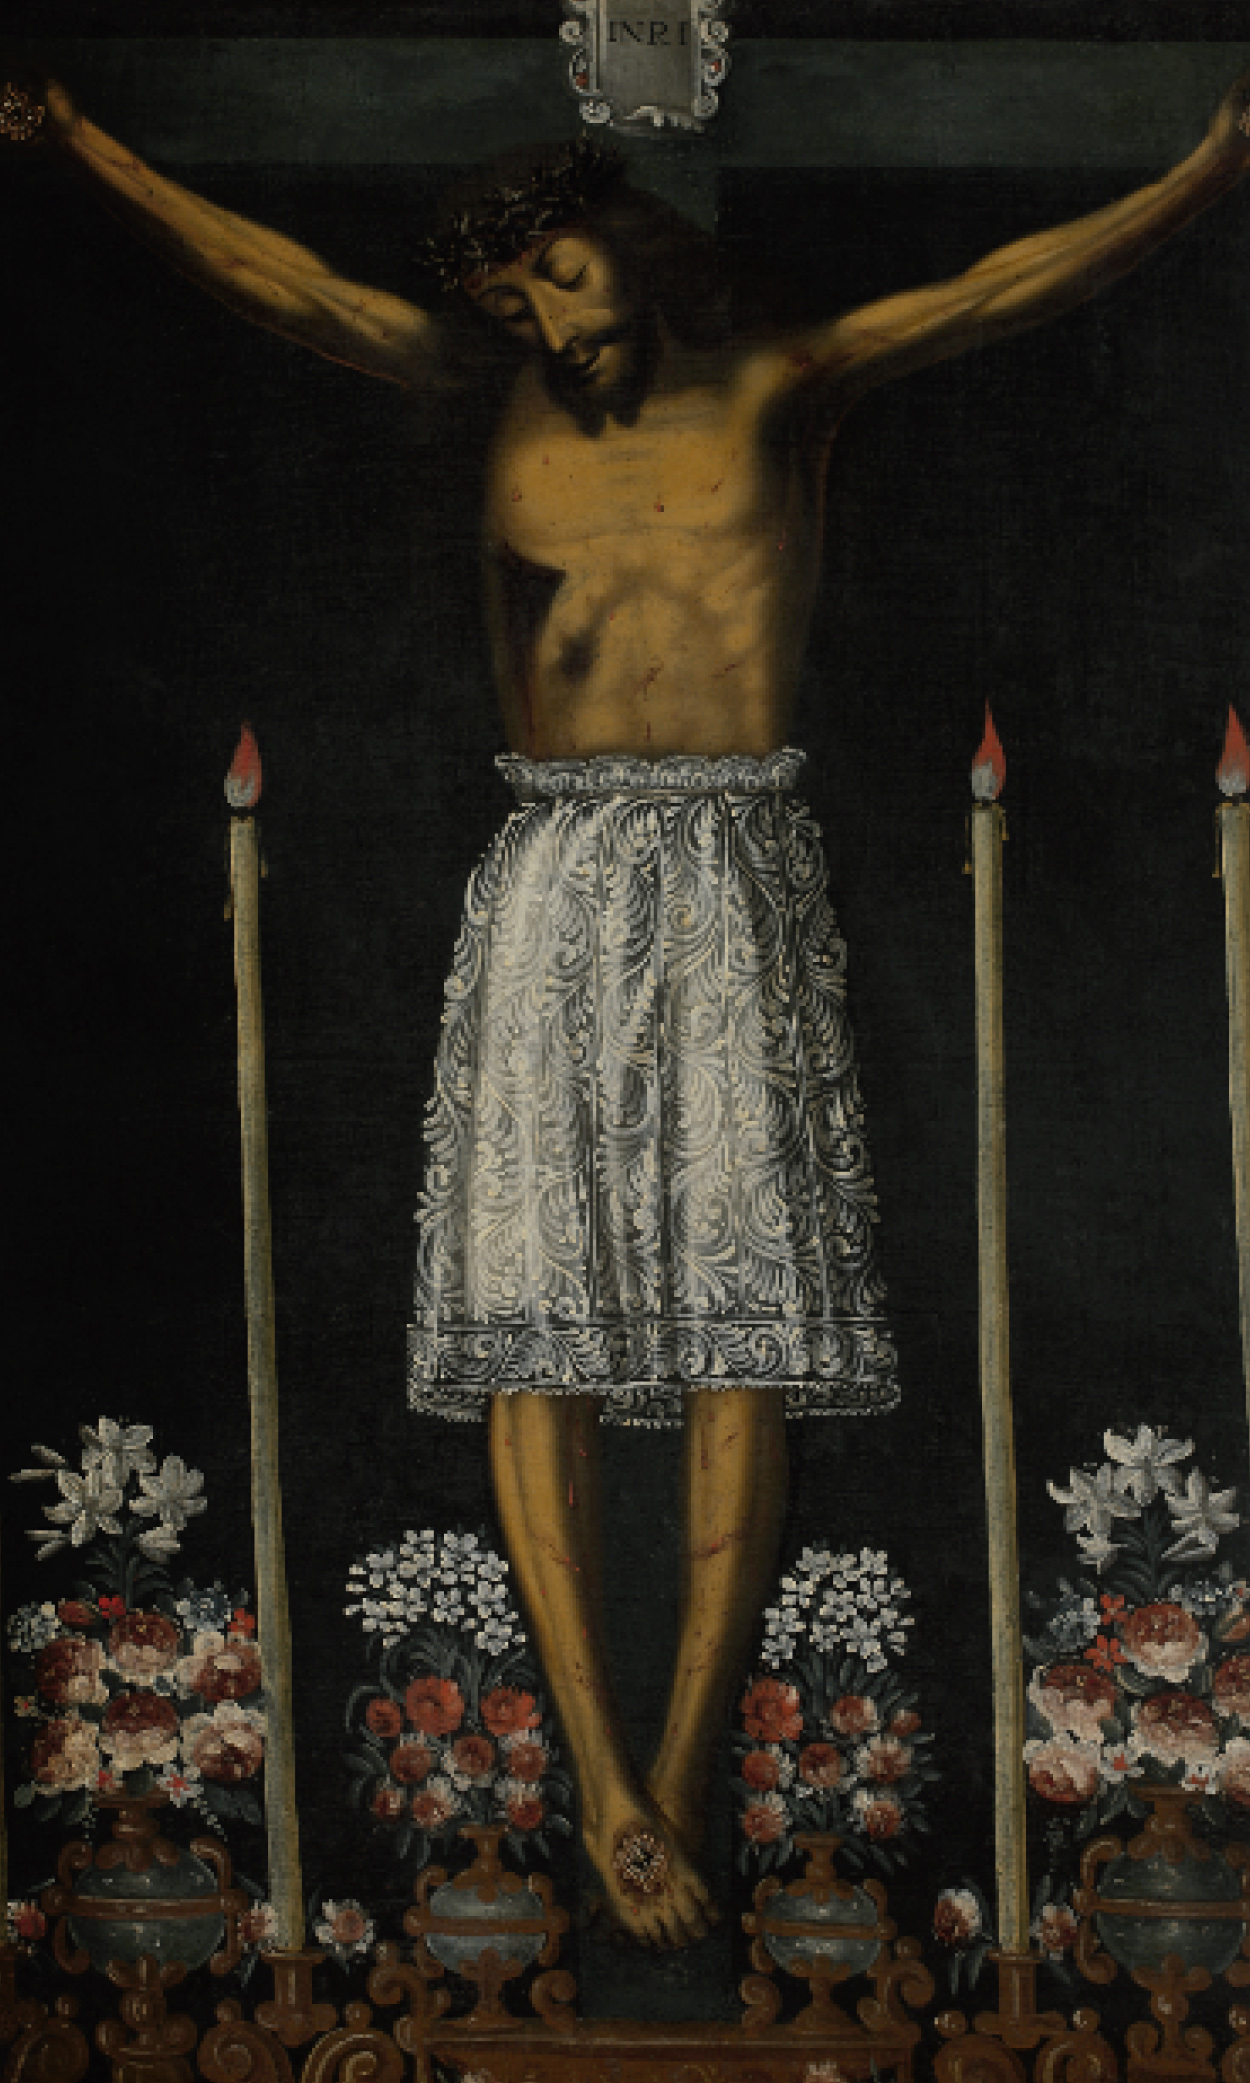 Señor de los Temblores (1699 - 1729)